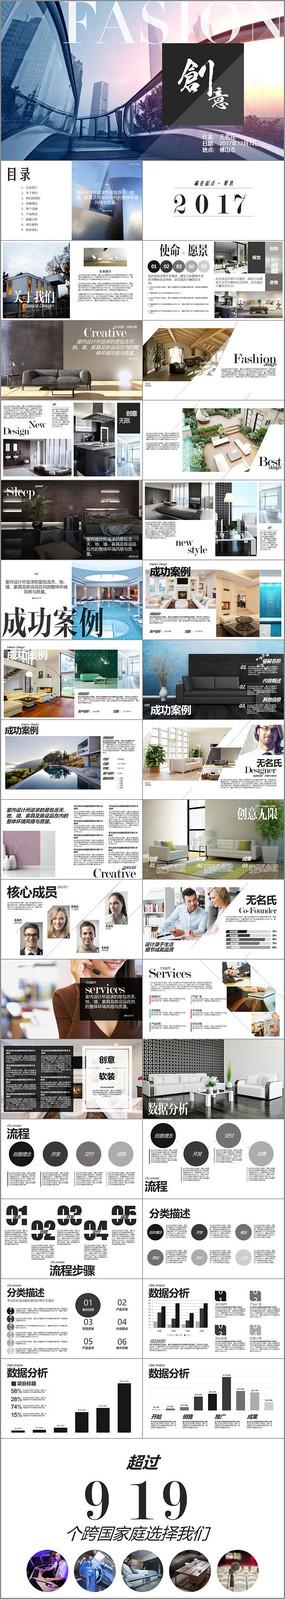 创意设计公司产品成果及宣传推广PPT模板